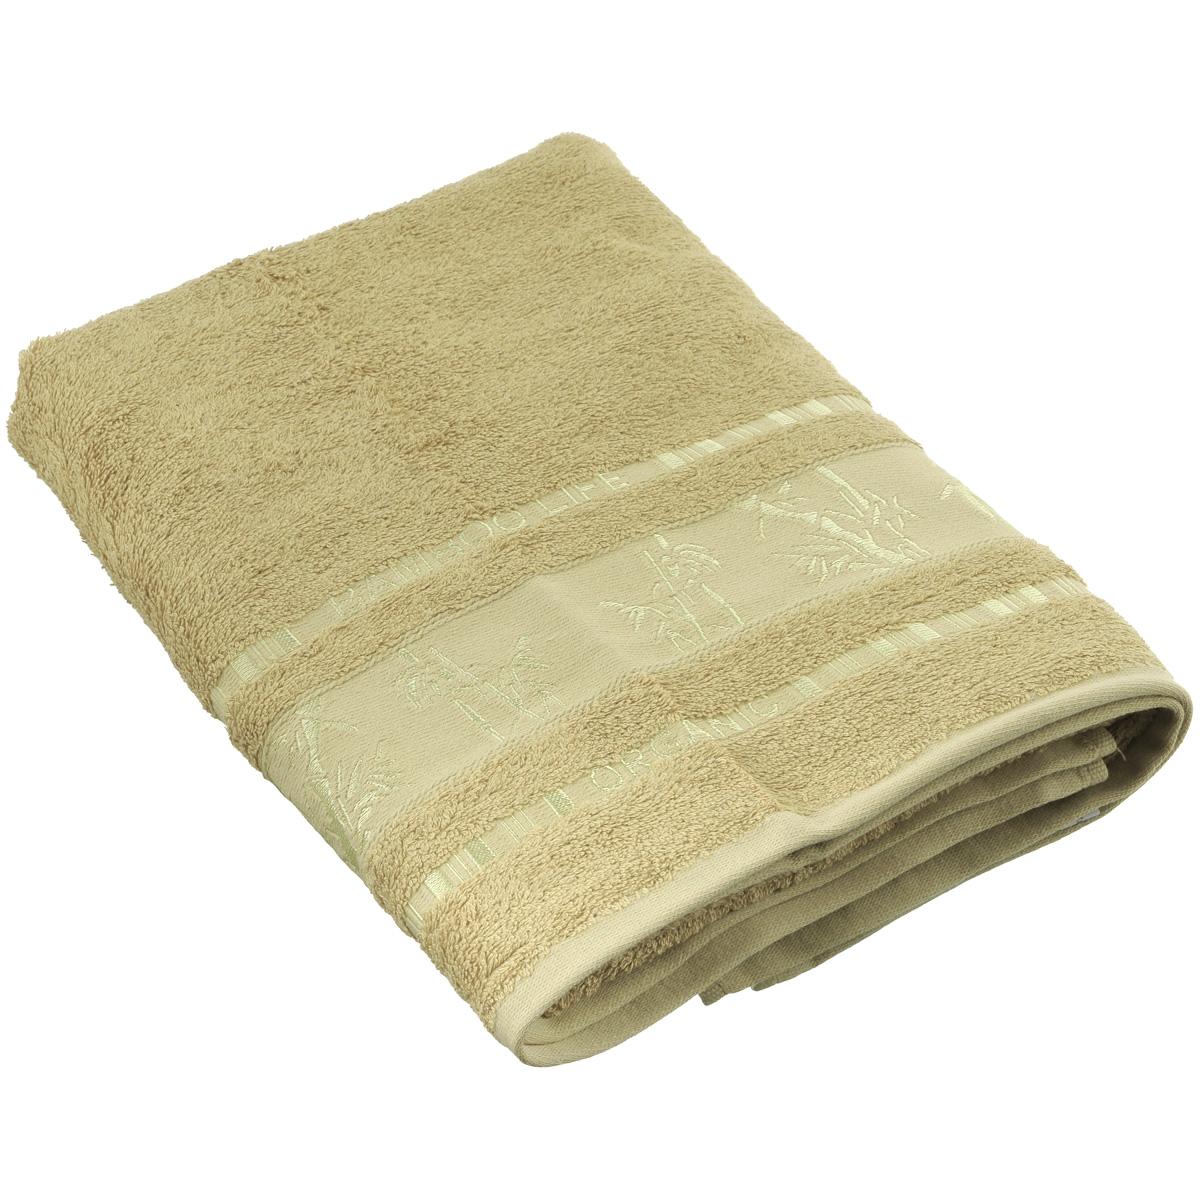 Полотенце Mariposa Bamboo, цвет: желтый, 70 см х 140 см52926Полотенце Mariposa Bamboo, изготовленное из 60% бамбука и 40% хлопка, подарит массу положительных эмоций и приятных ощущений. Полотенца из бамбука только издали похожи на обычные. На самом деле, при первом же прикосновении вы ощутите невероятную мягкость и шелковистость. Таким полотенцем не нужно вытираться - только коснитесь кожи - и ткань сама все впитает! Несмотря на богатую плотность и высокую петлю полотенца, оно быстро сохнет, остается легким даже при намокании. Полотенце оформлено изображением бамбука. Благородный тон создает уют и подчеркивает лучшие качества махровой ткани. Полотенце Mariposa Bamboo станет достойным выбором для вас и приятным подарком для ваших близких. Размер полотенца: 70 см х 140 см.